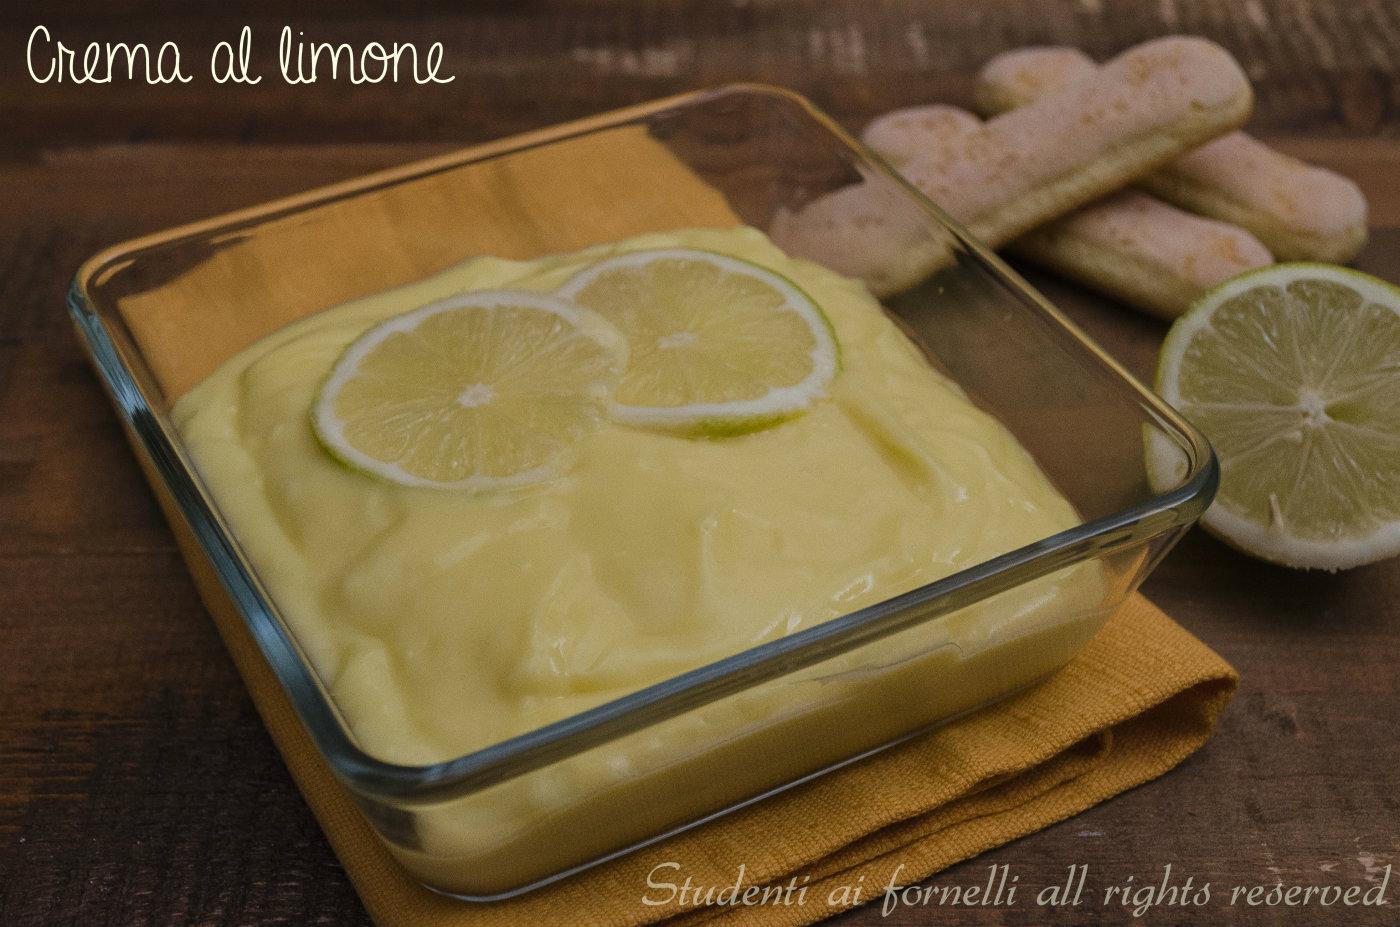 crema-al-limone-ricetta-crema-pasticcera-al-limone-per-dolci-crostate-torte-biscotti